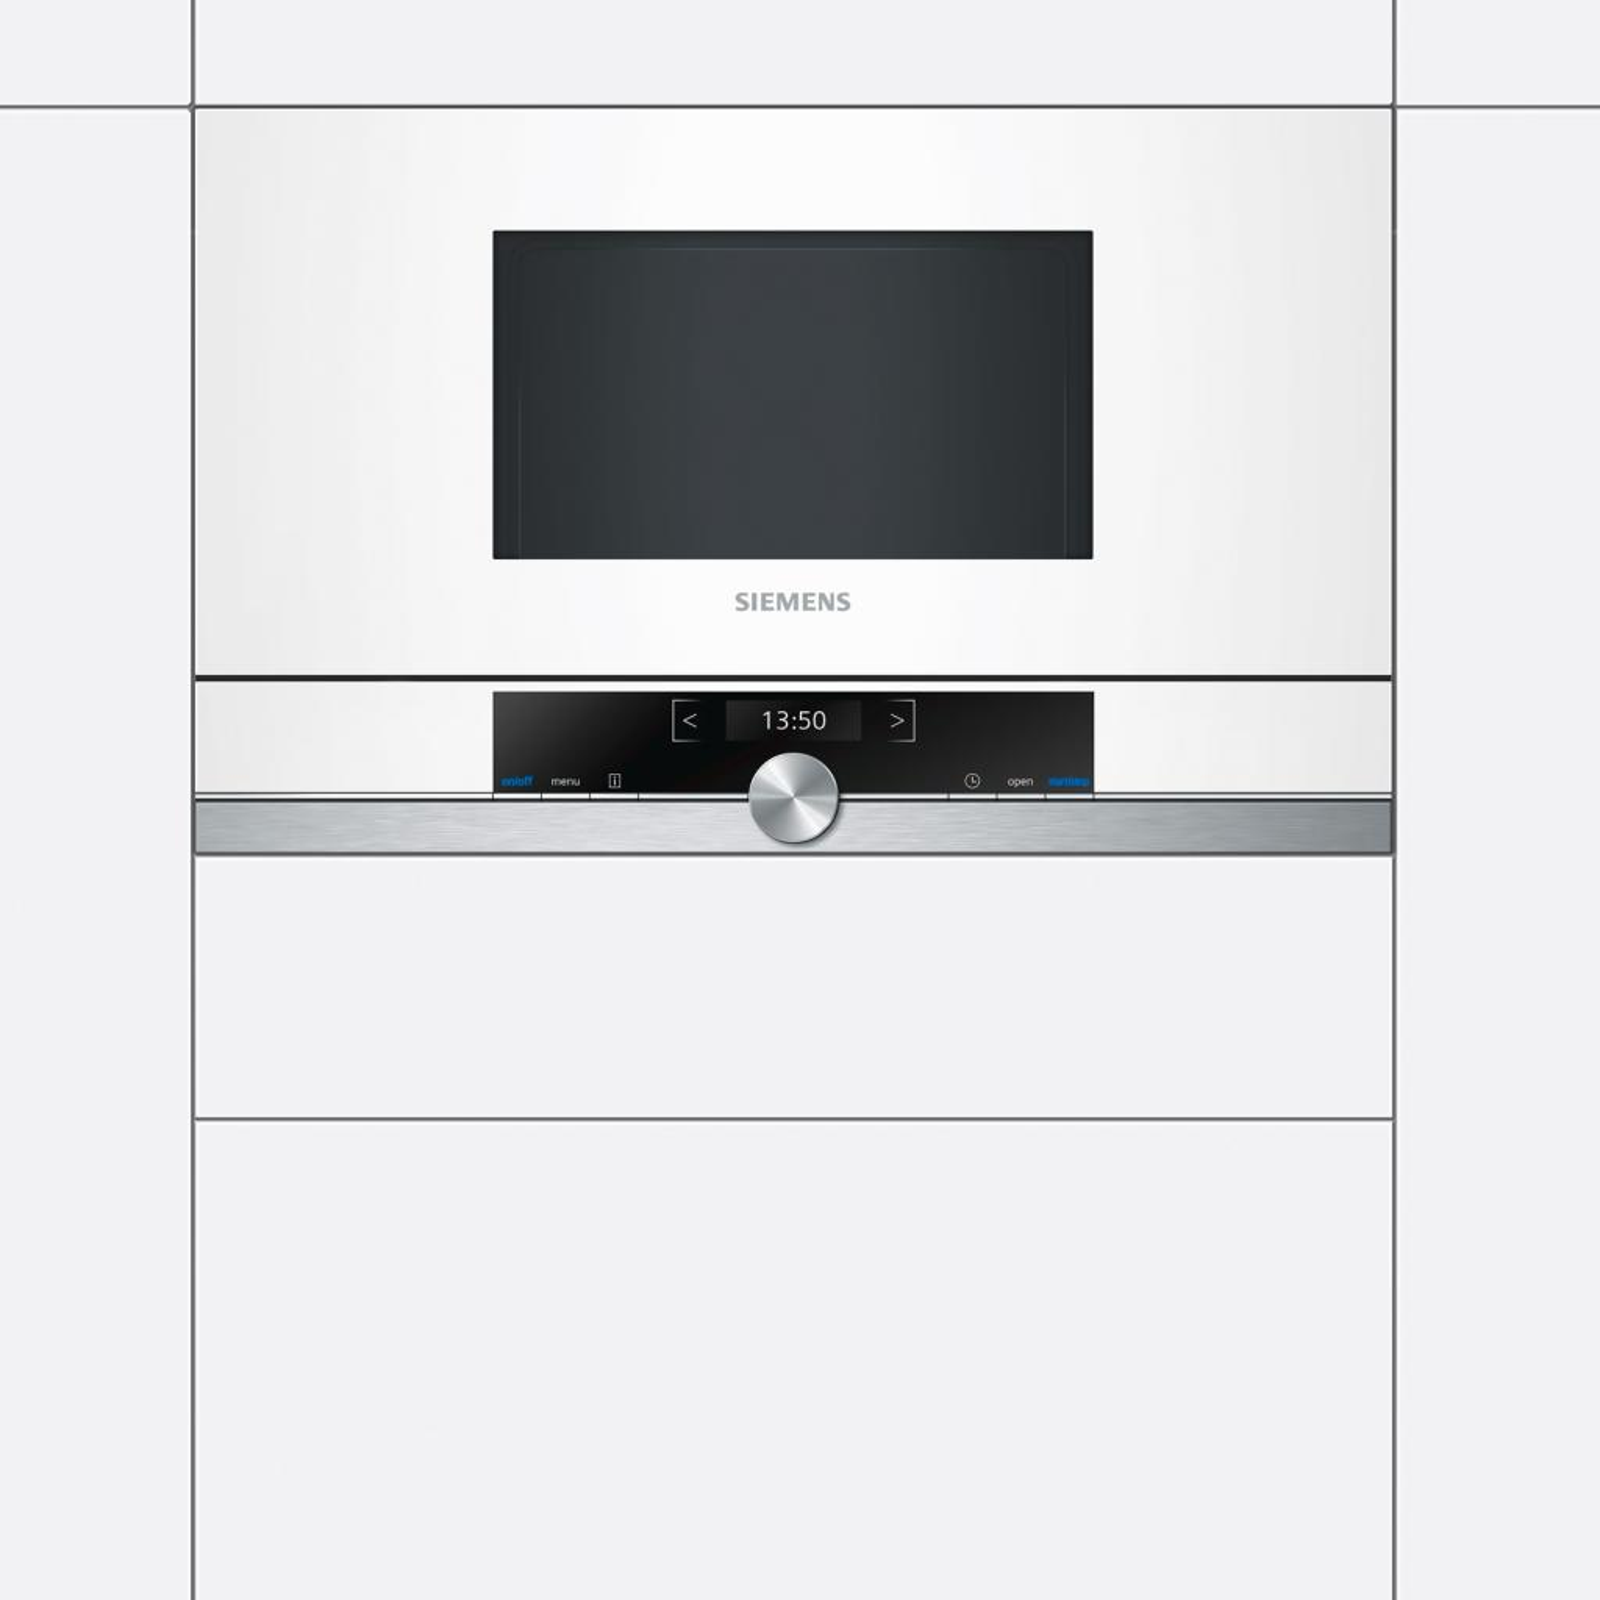 Микроволновая печь Siemens BF 634 LGW1 (BF634LGW1) изображение 3